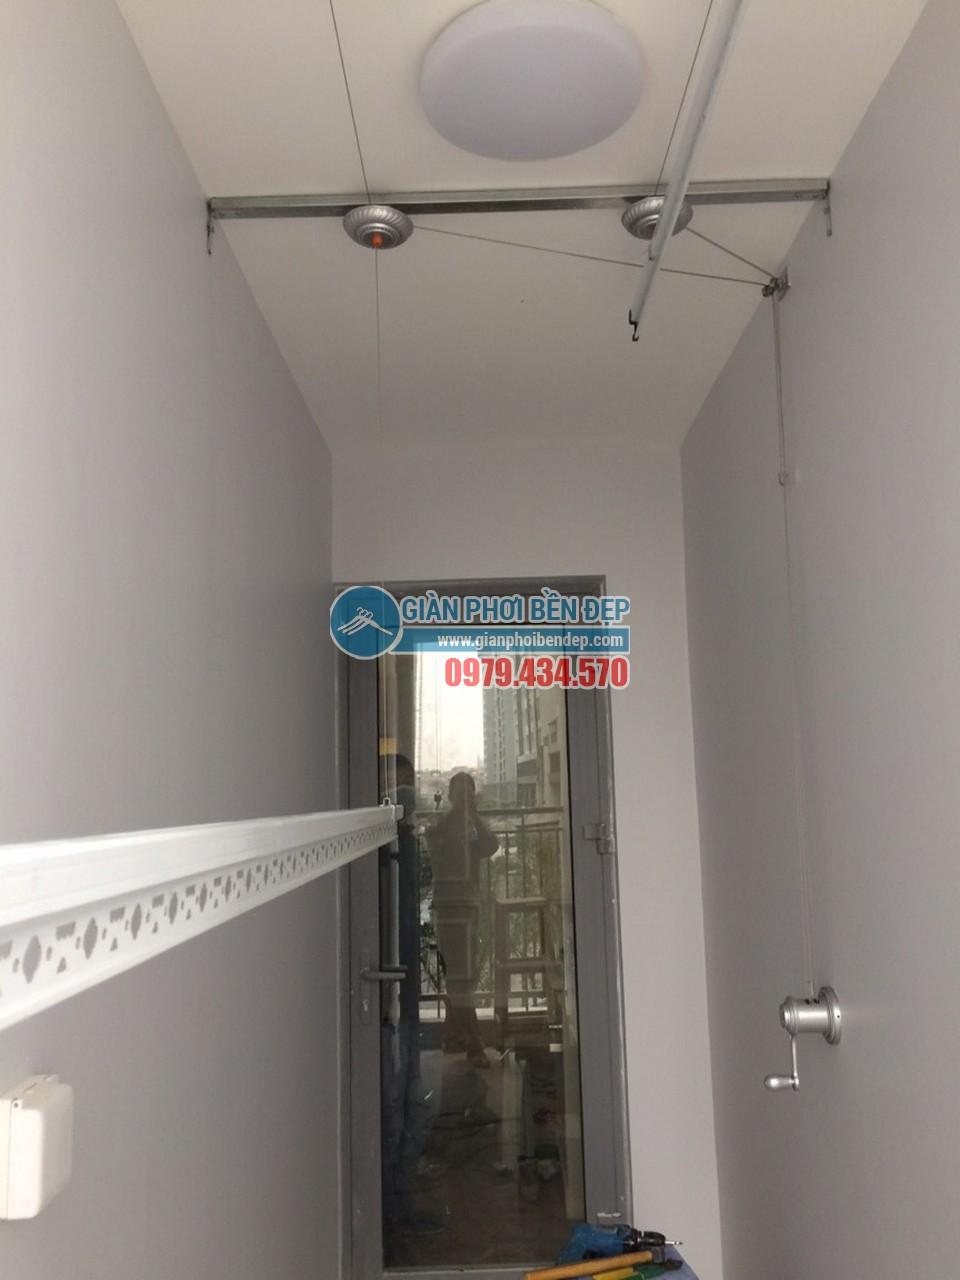 Lắp đặt giàn phơi thông minh để lô gia được gọn gàng như nhà chị chị Hà, tòa Park 3, Park Hill - 04